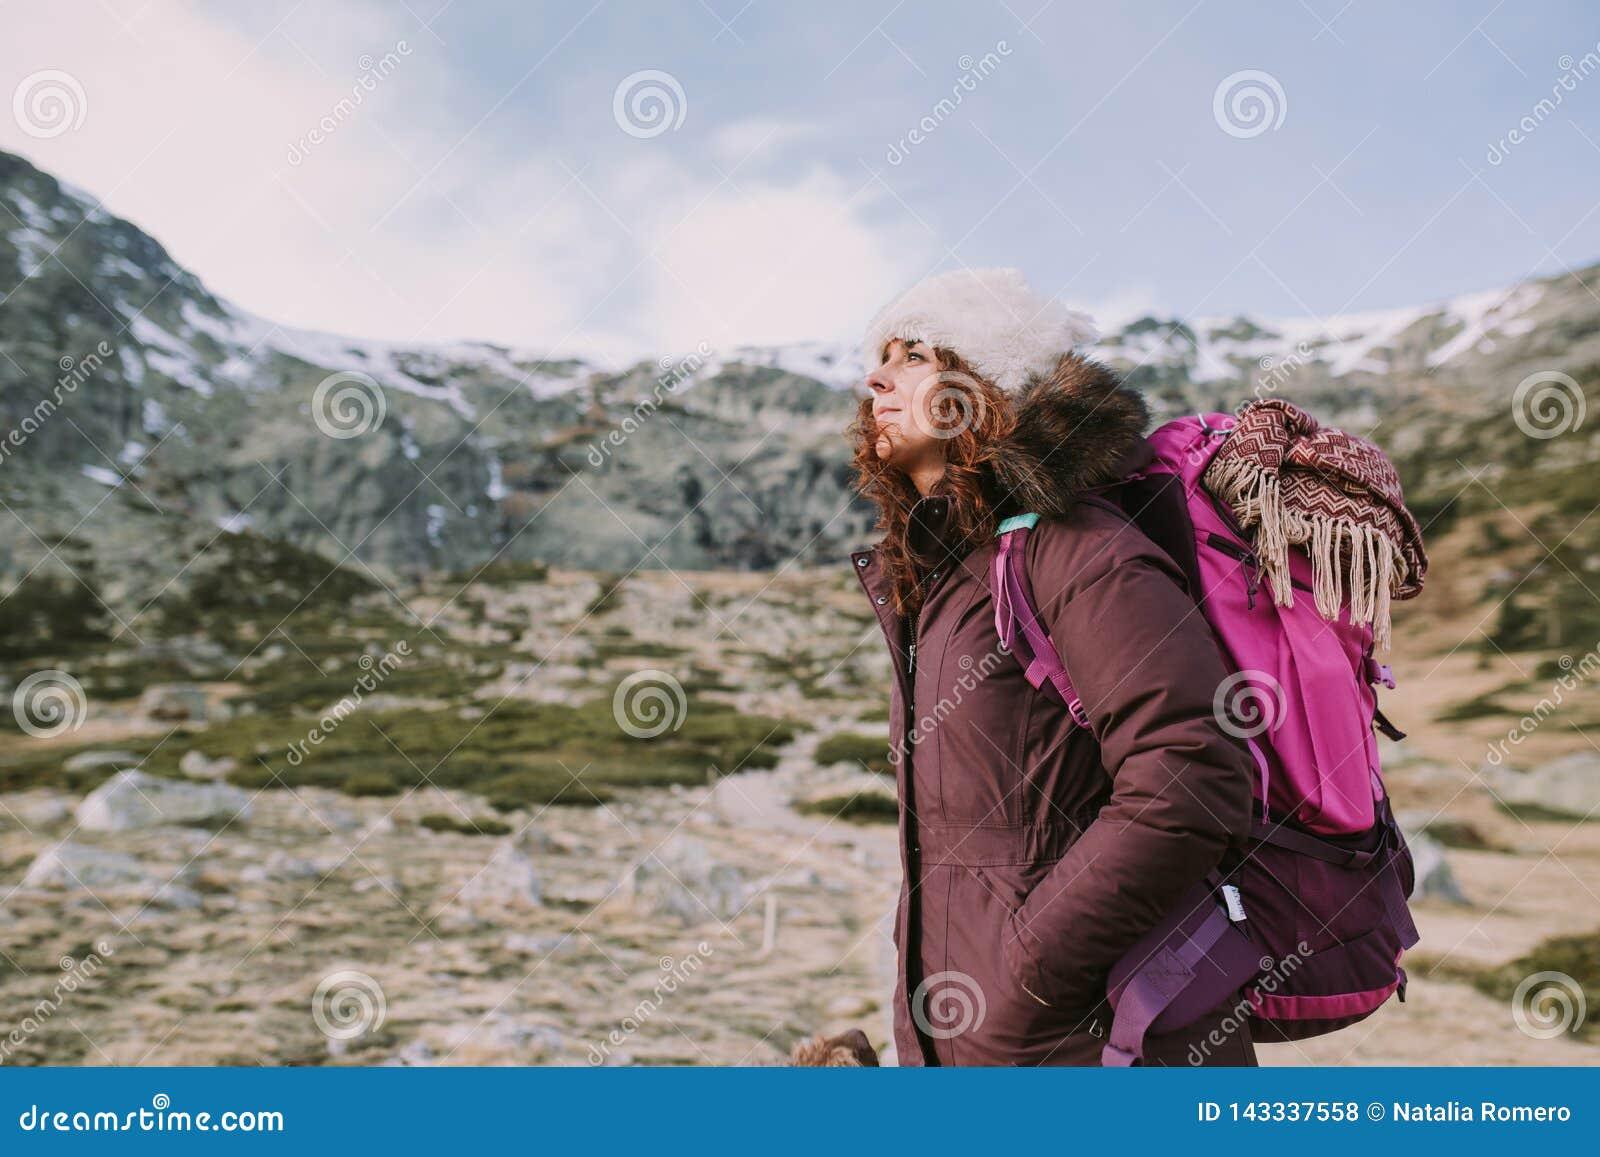 Alpinista dziewczyna z plecakiem na ona z powrotem spojrzenia wokoło wysokich wzgórzy i zielonych łąk